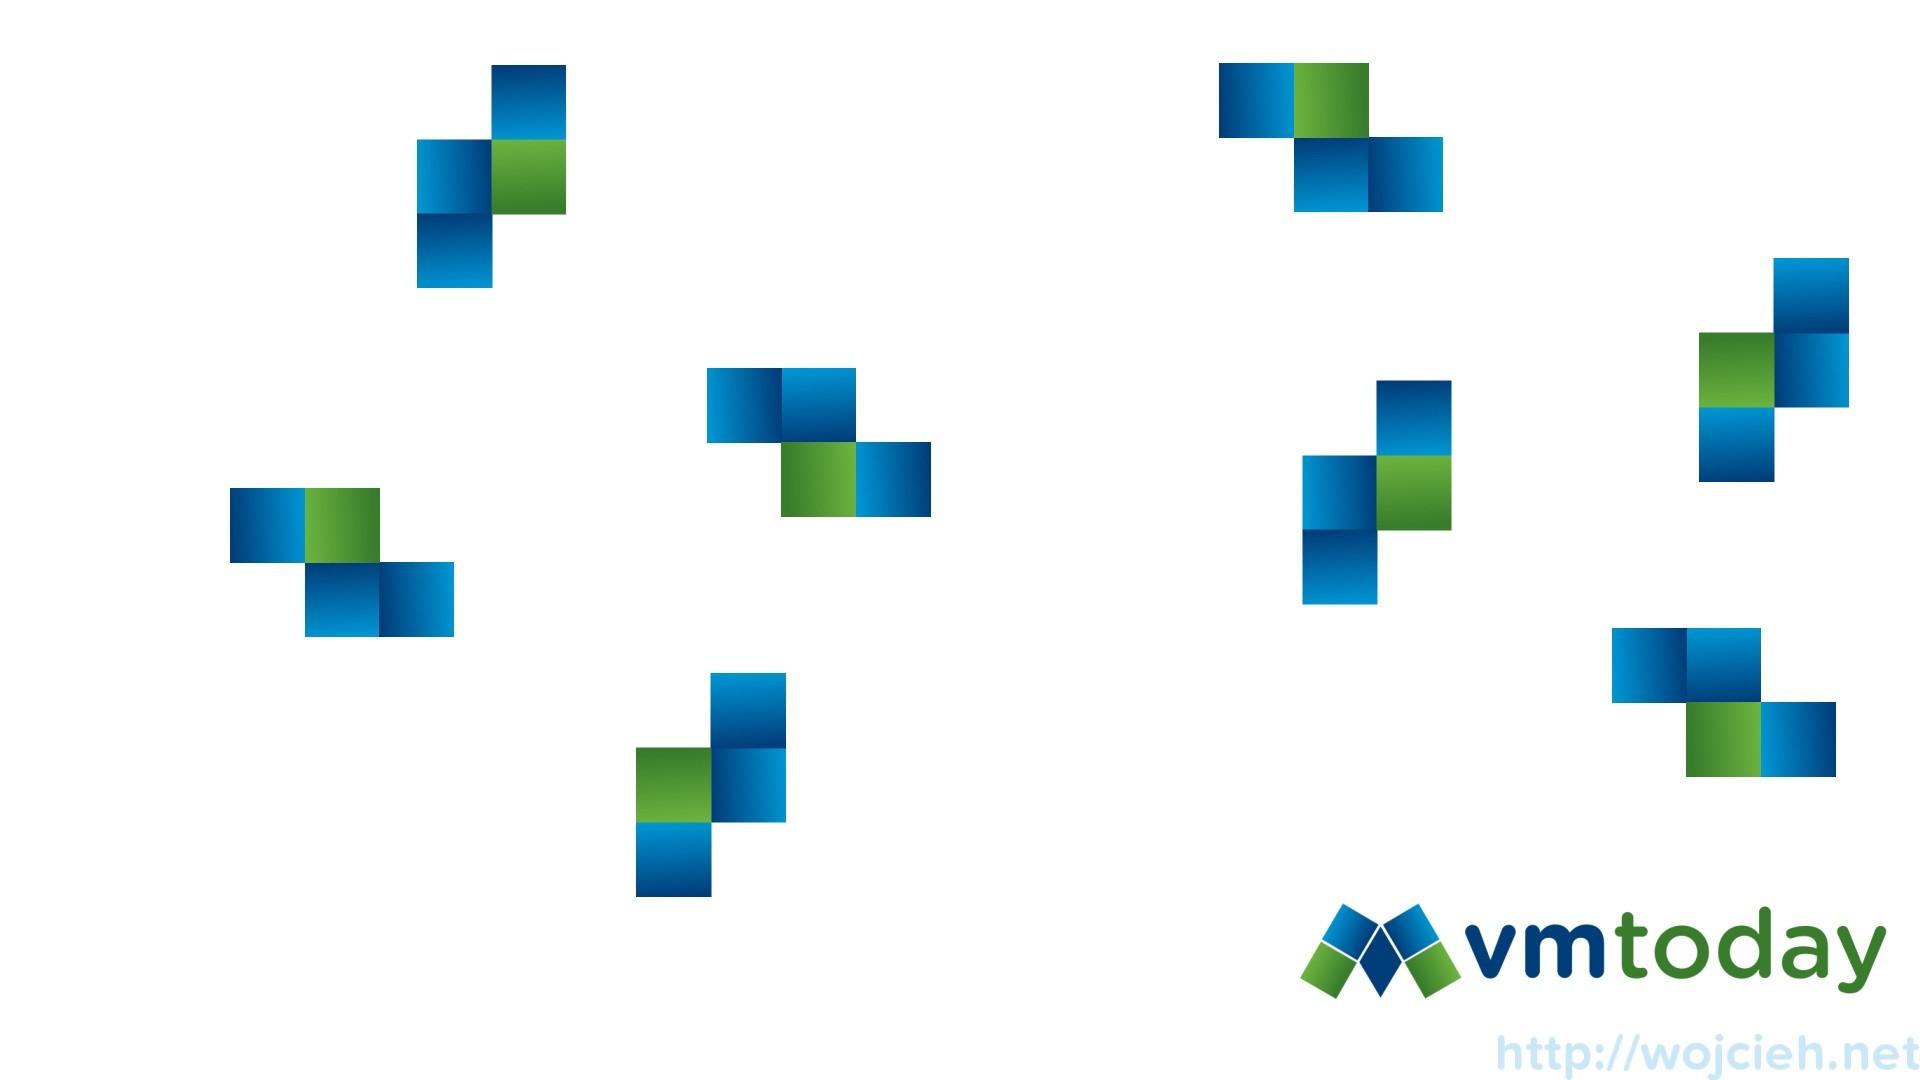 VMware Wallpaper - 3